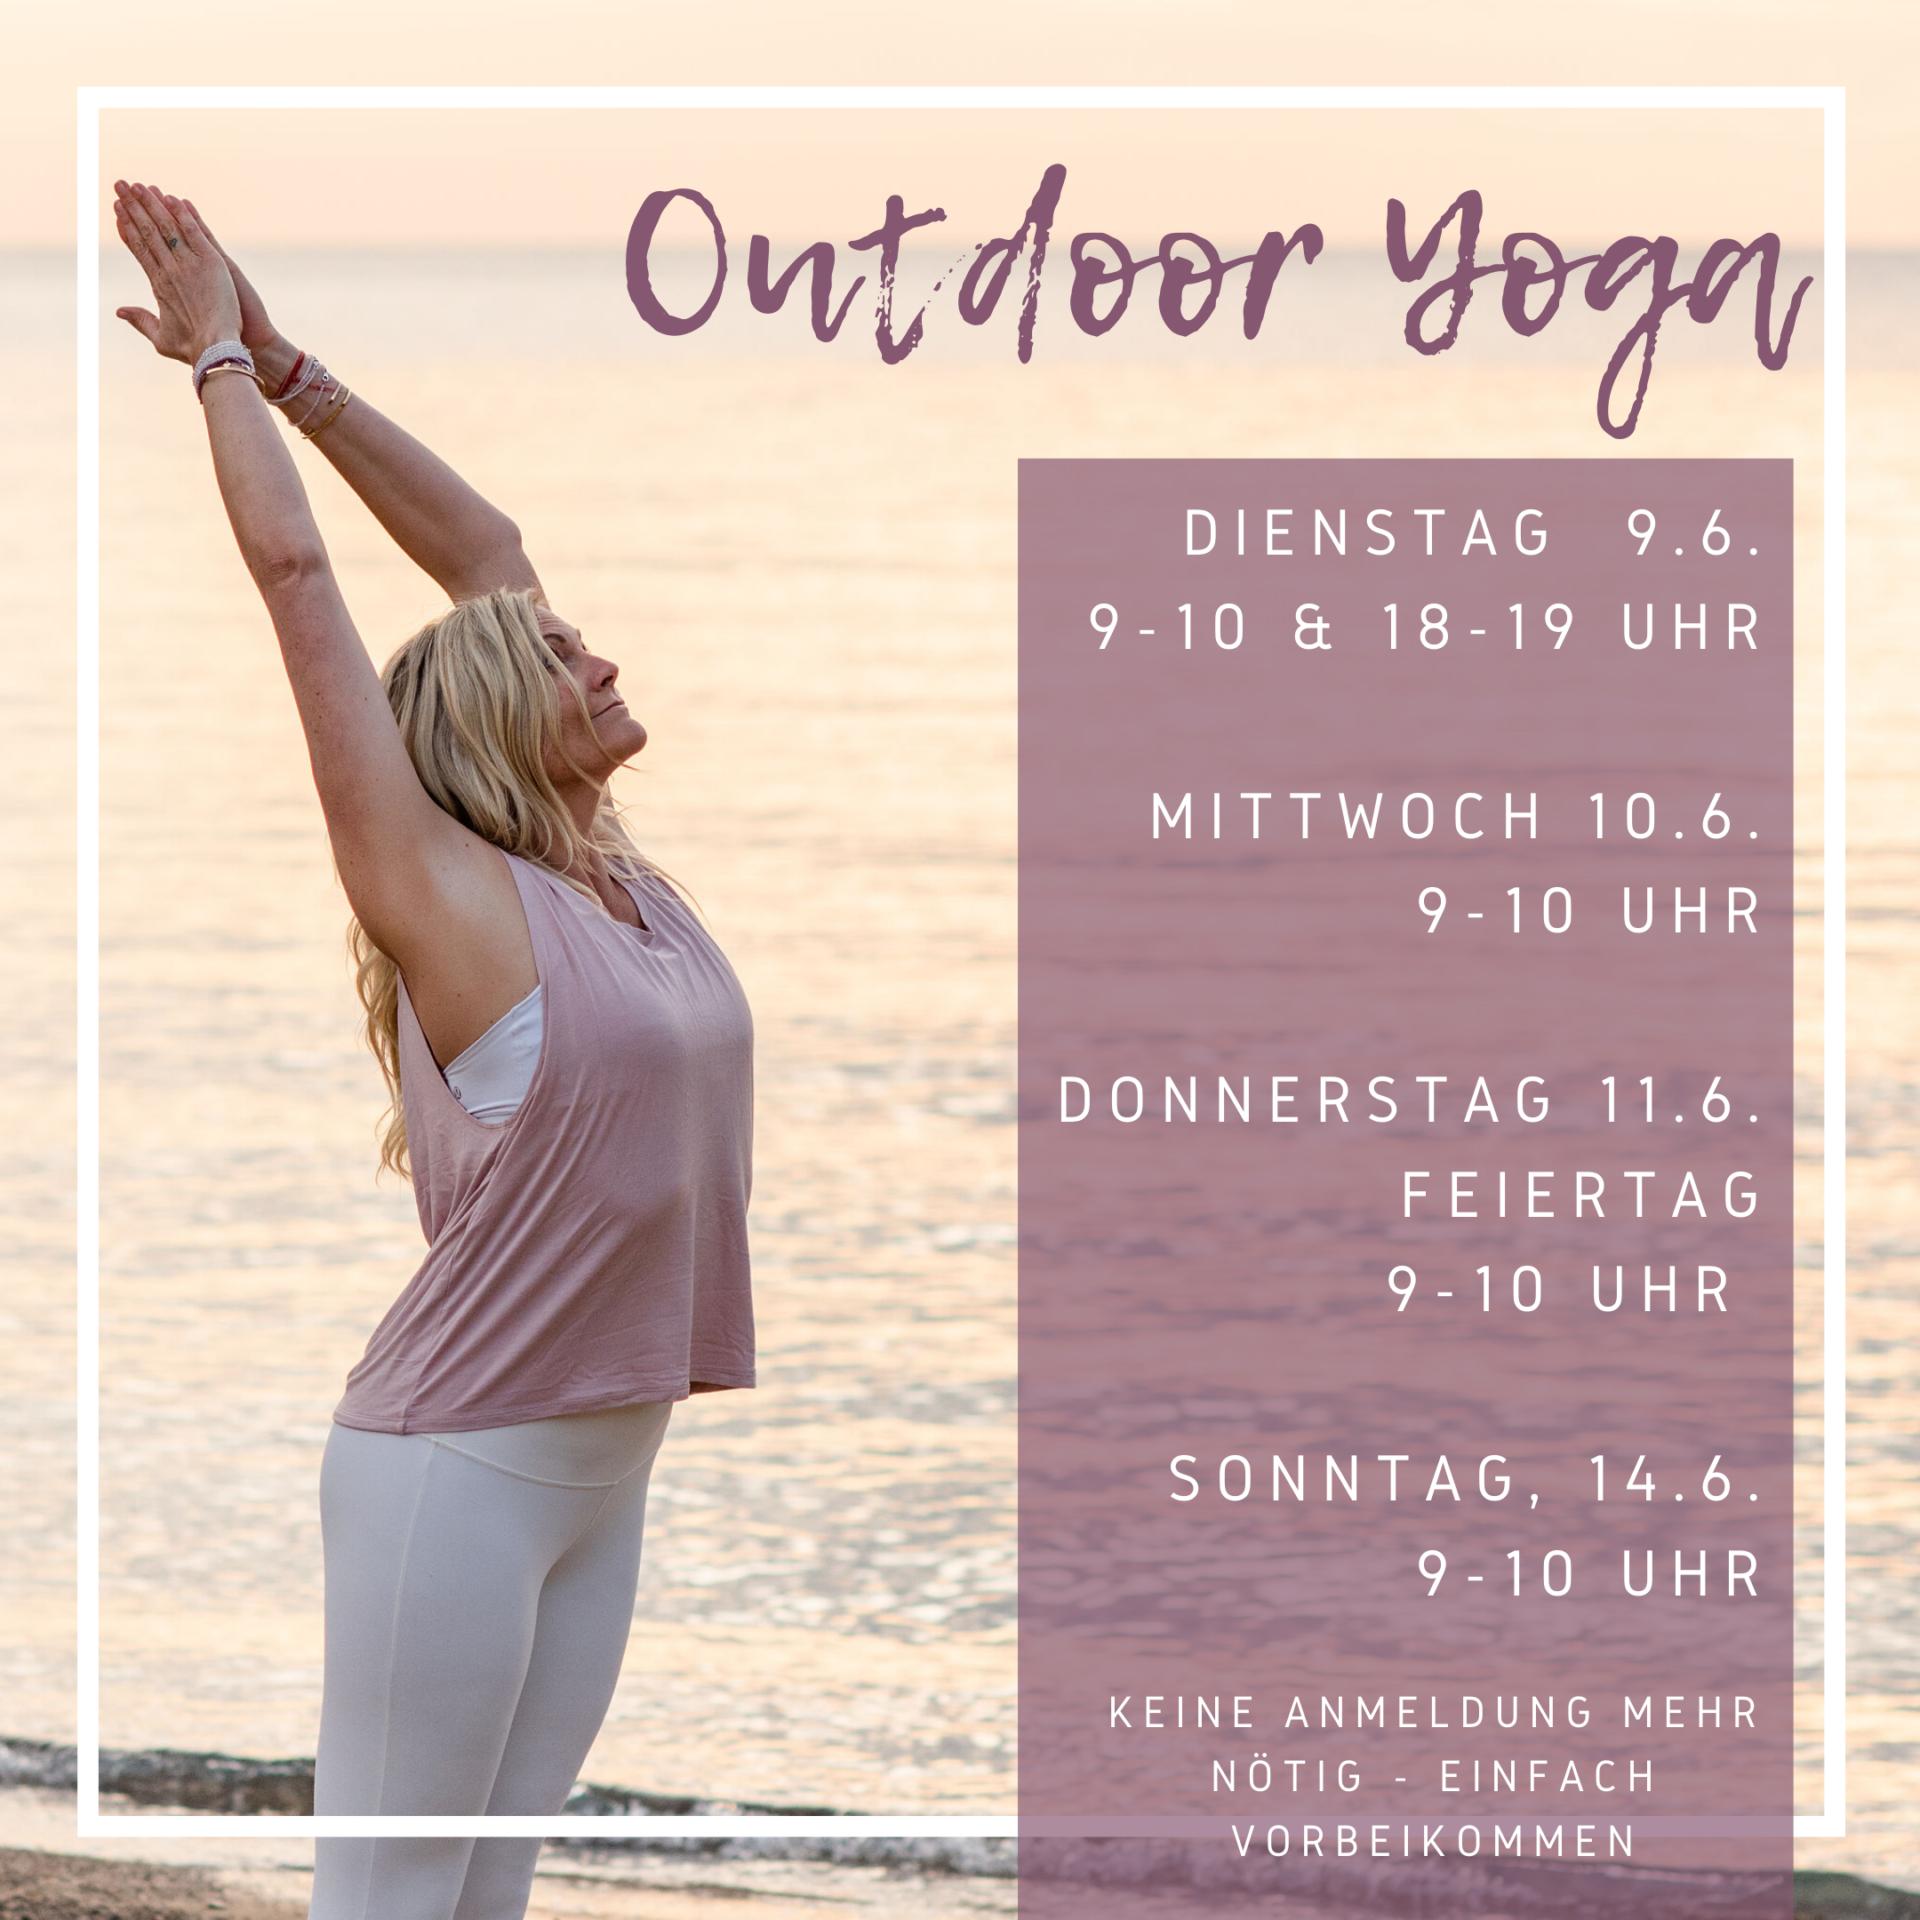 OUTDOOR Yoga der Woche